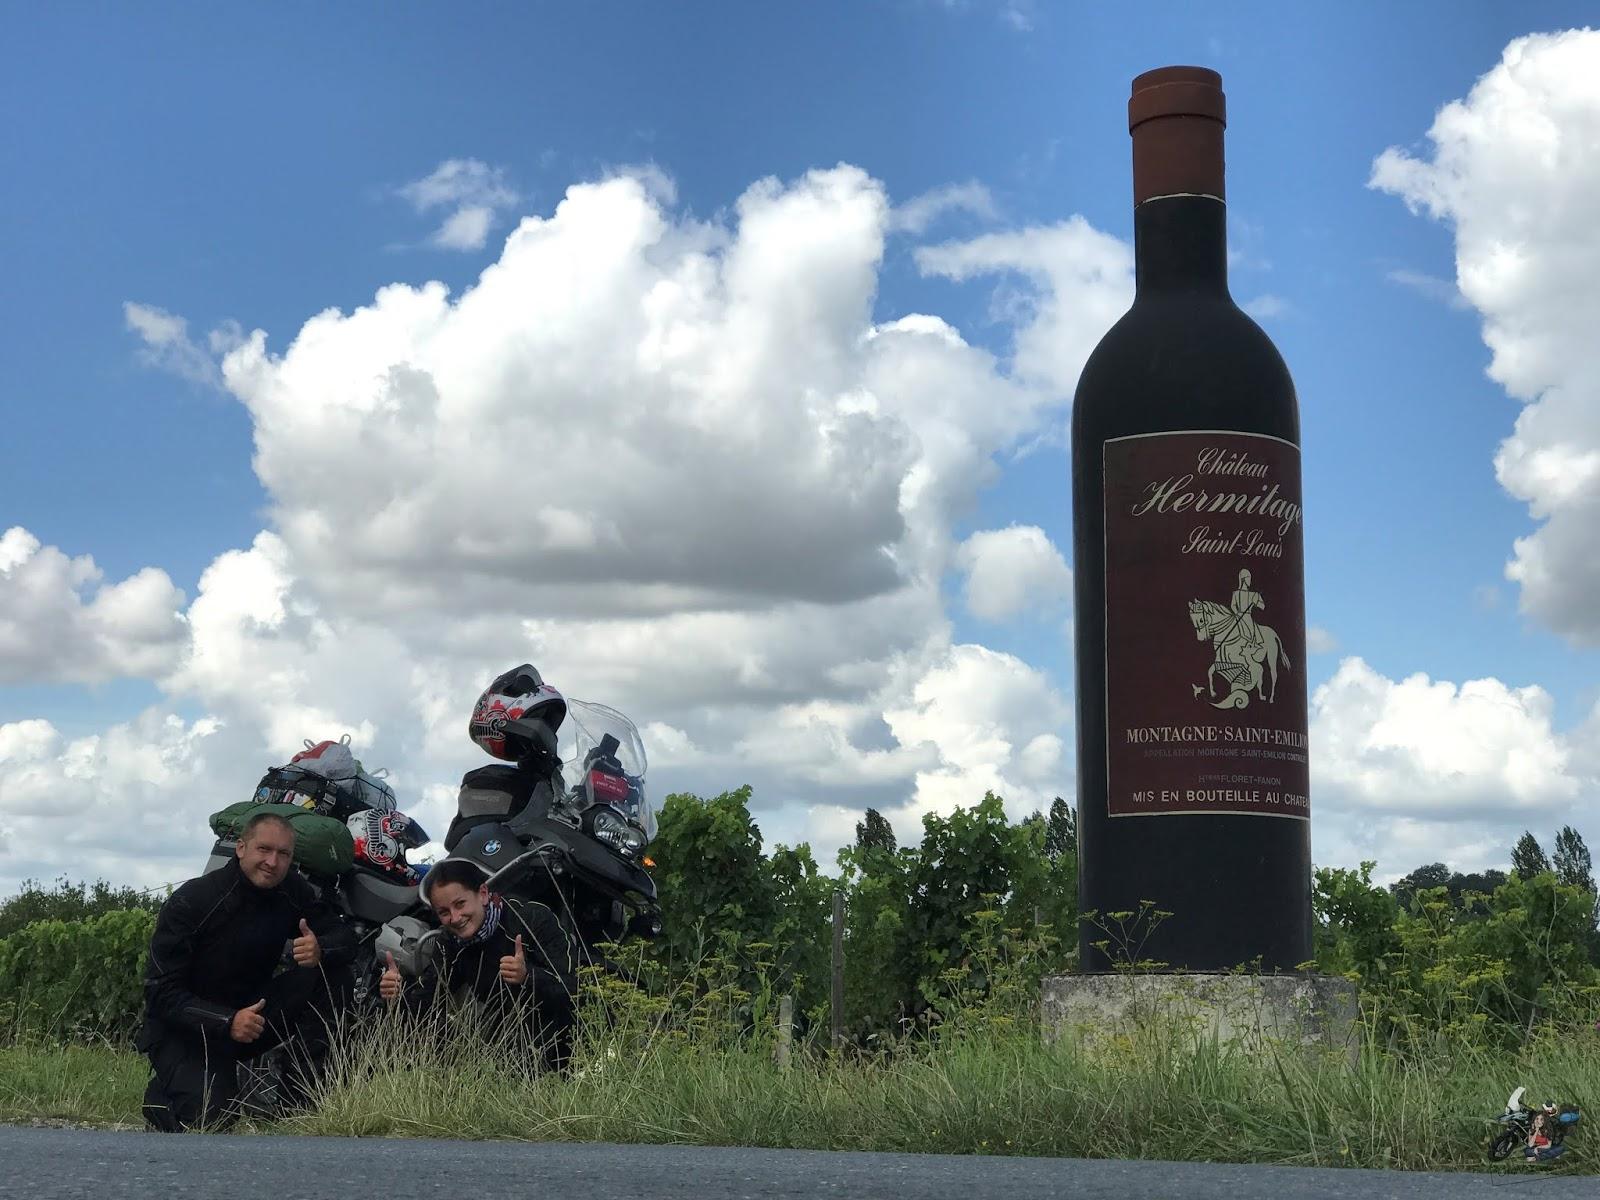 Francuskie zagłębie wina wpisane na listę UNESCO: Saint-Émilion koło Bordeaux - MOTO EURO TRIP 2017: Z UK NA GIBRALTAR - DZIEŃ 14